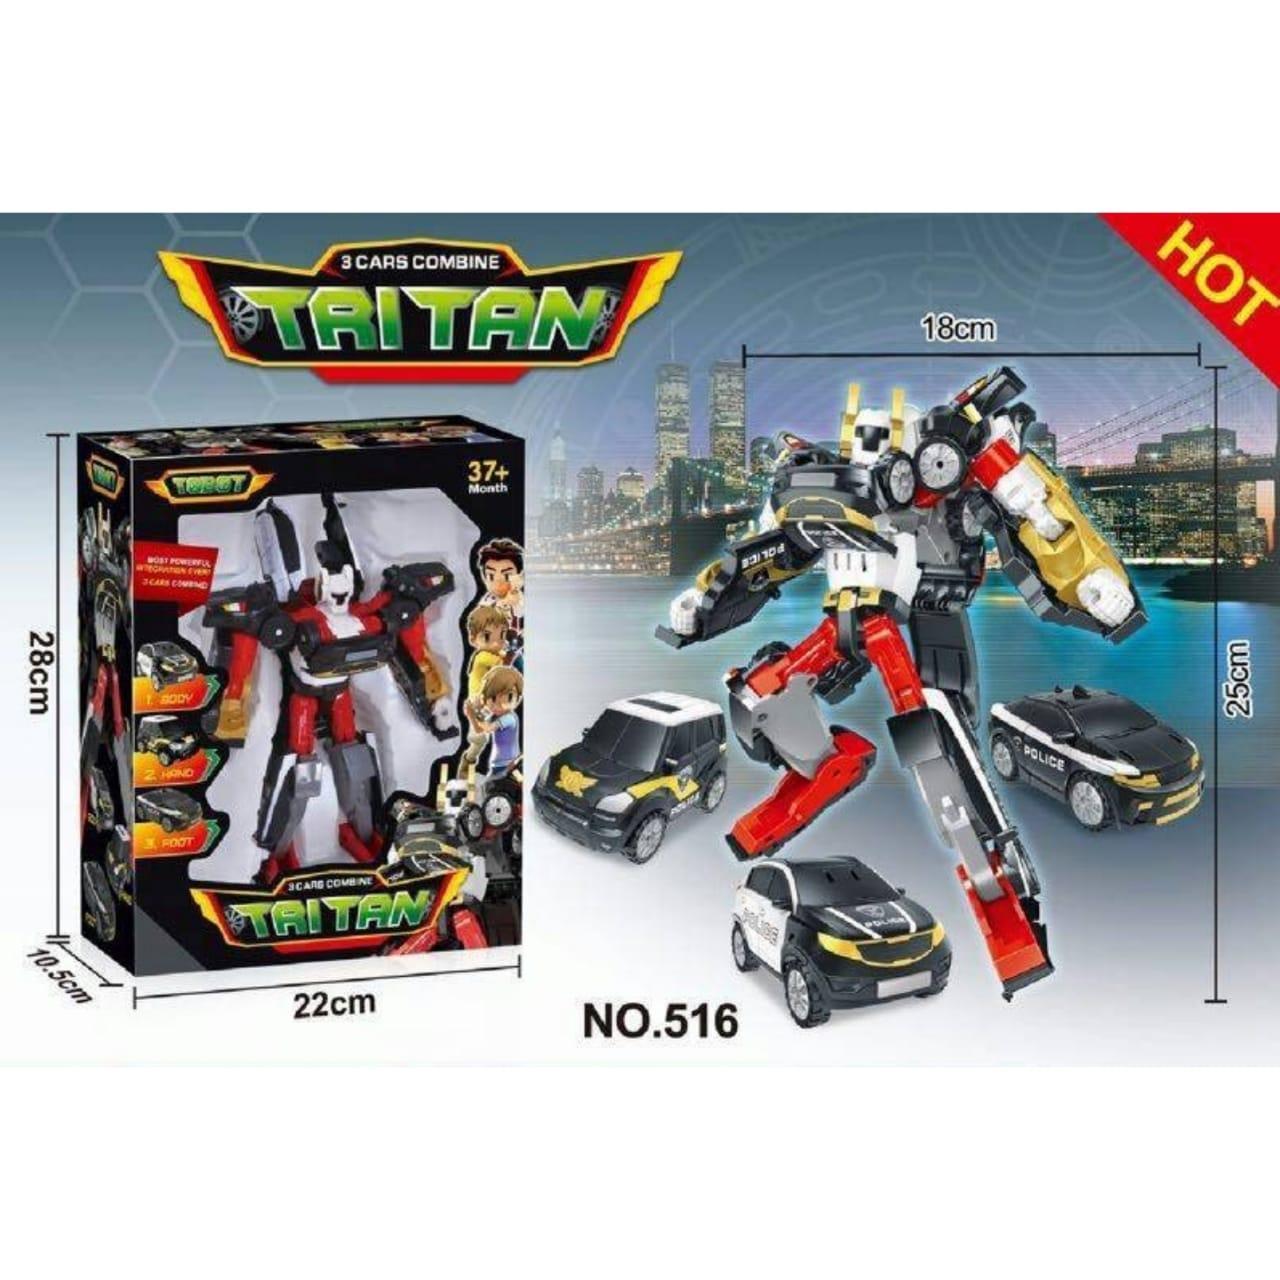 Mainan Koleksi Terlengkap Termurah Anak Telepon Tobot Tritan Hitam Merah Putih 516 Mini Ukuran Robot 25cm